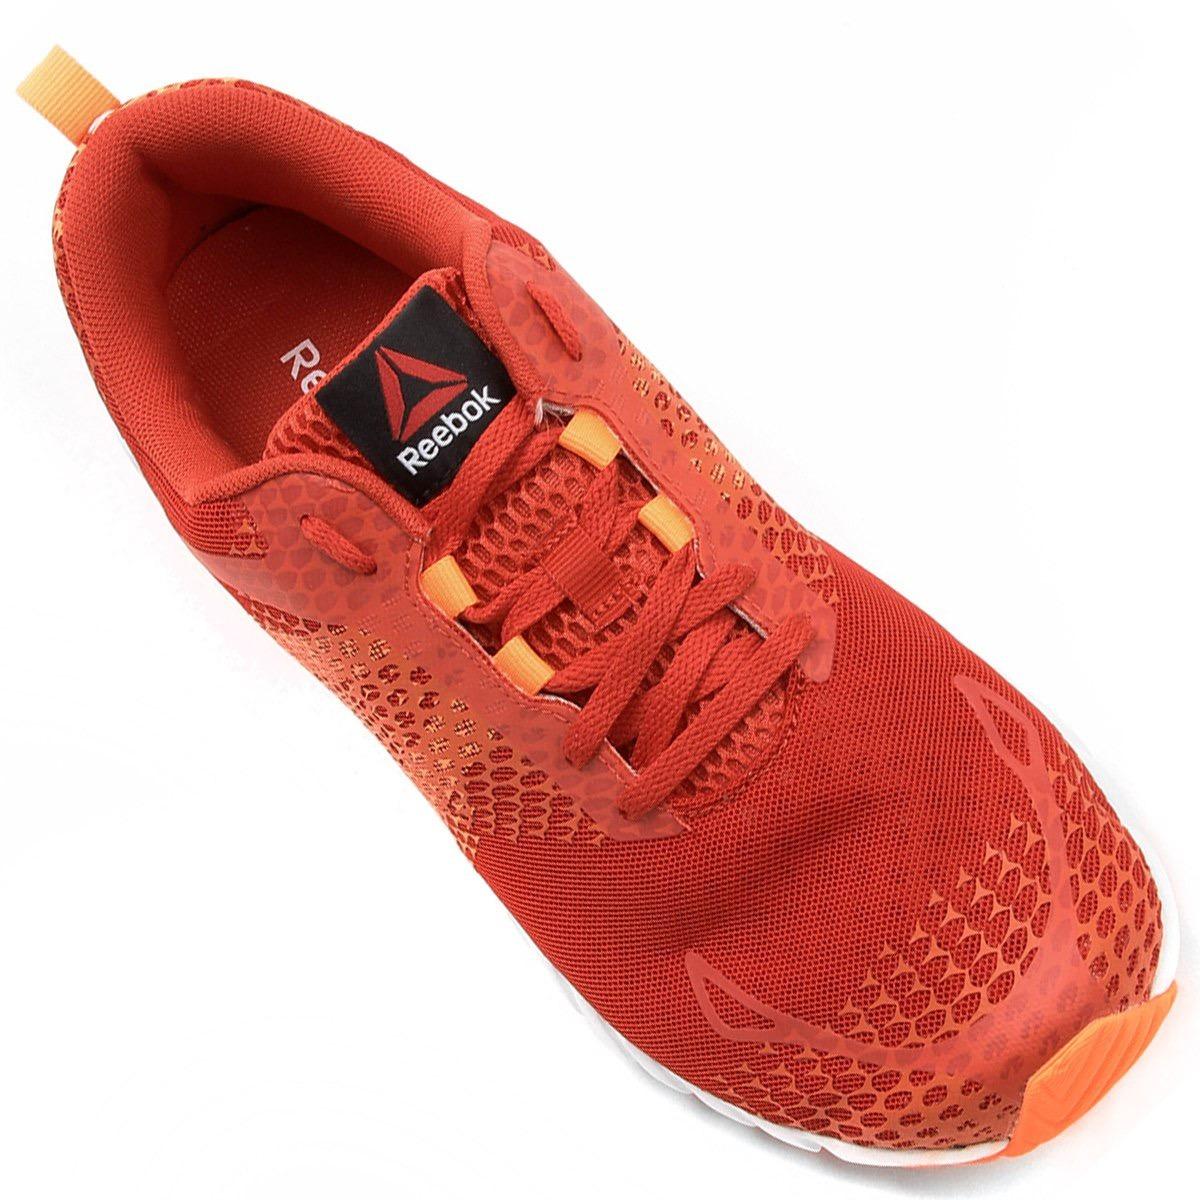 89b1da8970 Tenis Masculino Reebok Twistform Blaze V72245 - R$ 299,00 em Mercado ...